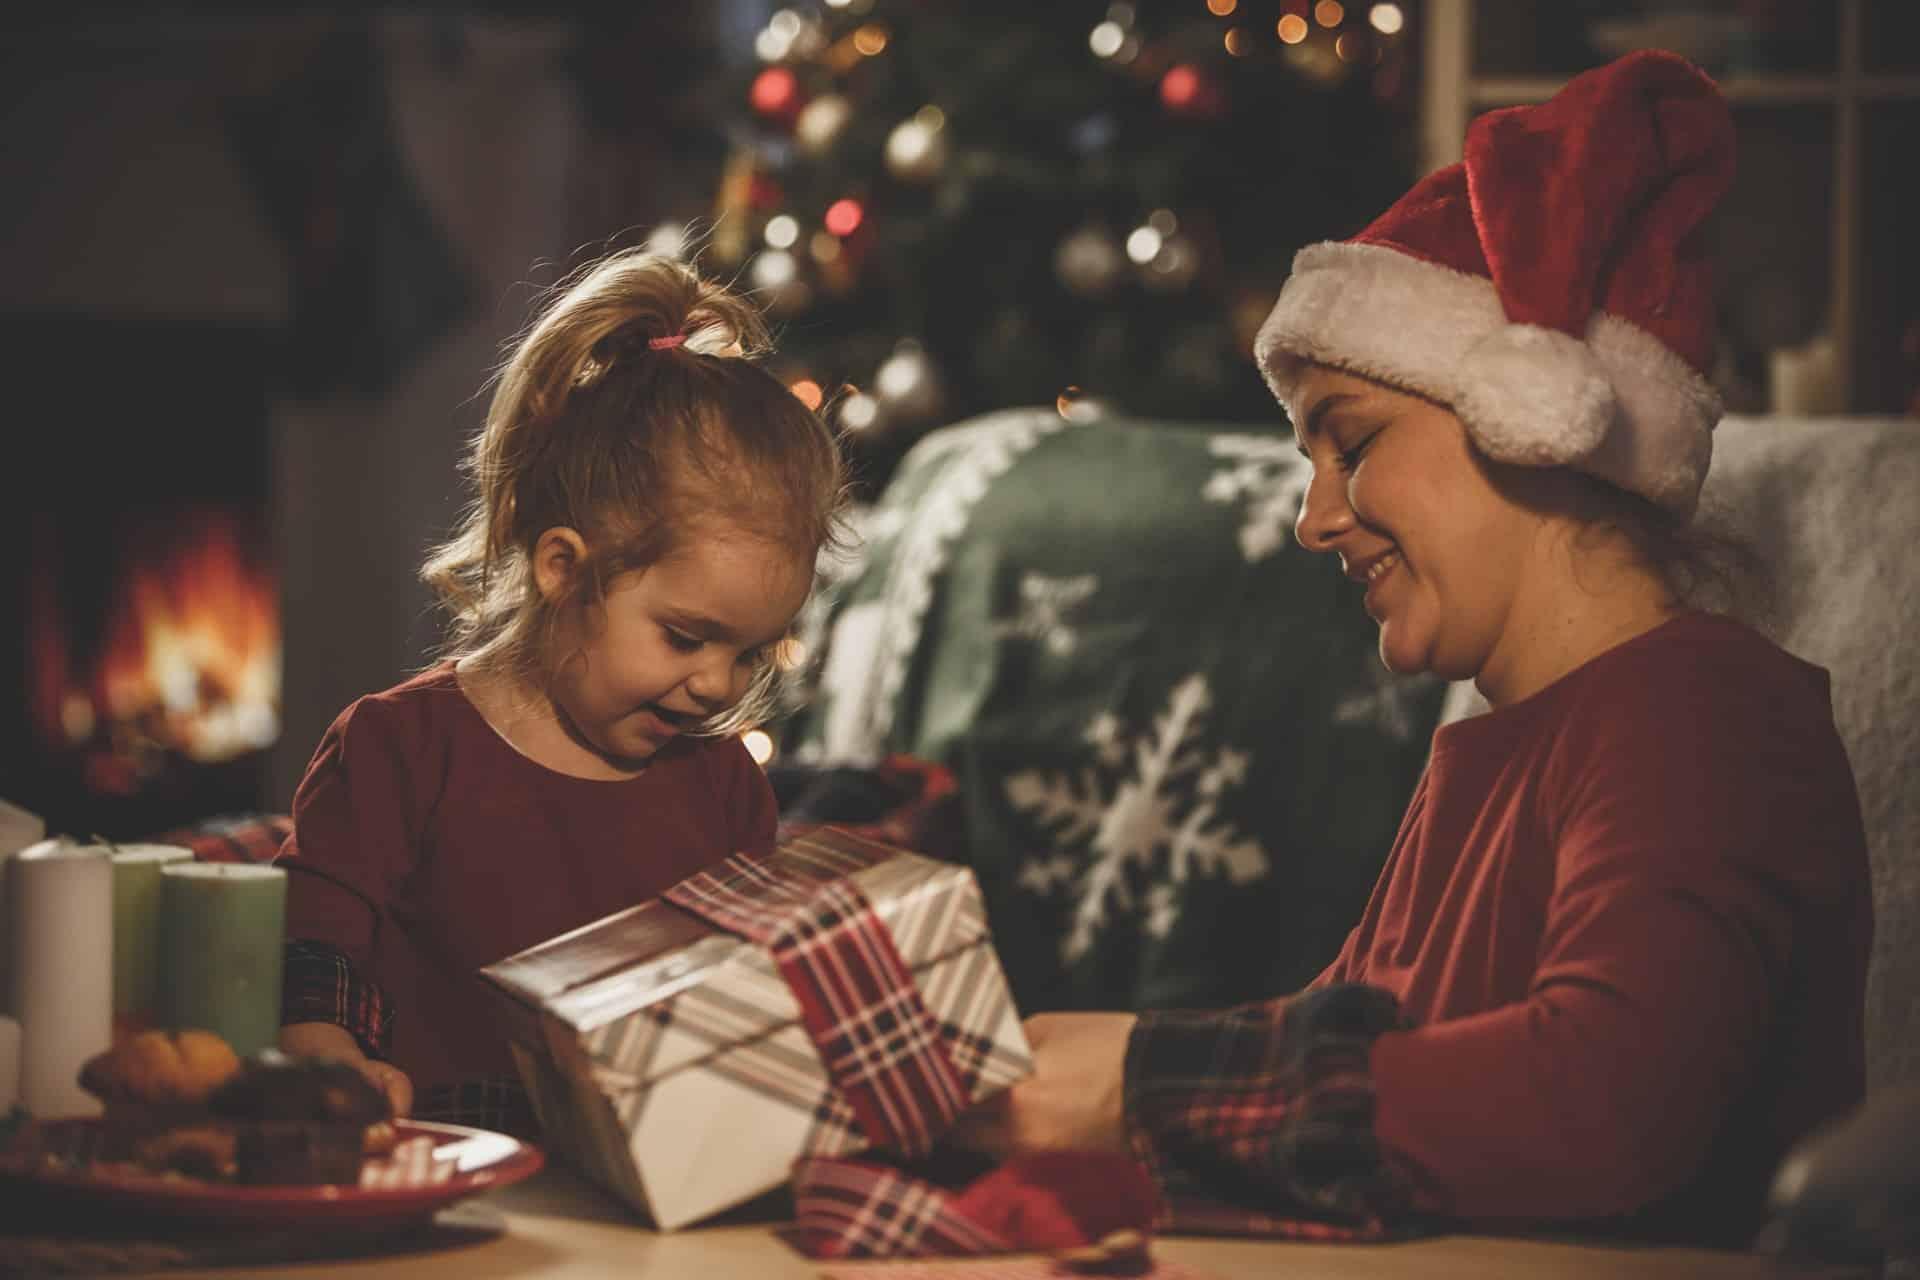 Ook kinderen in armoede verdienen straks een kerstcadeau